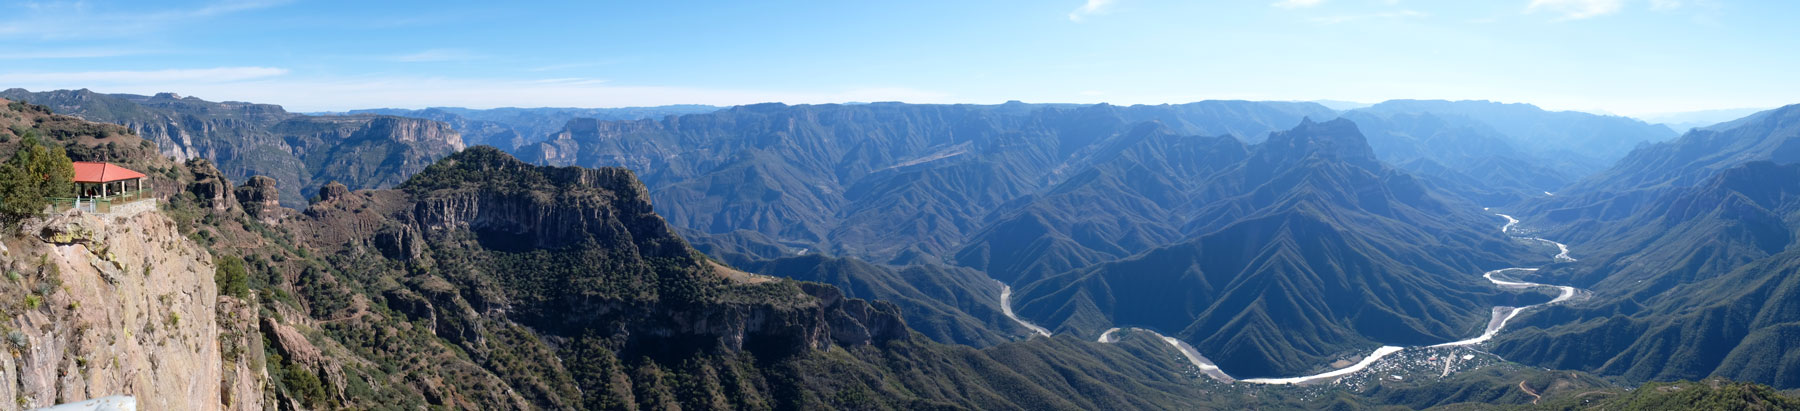 Panoramablick auf den Urique Canyon in Mexiko.